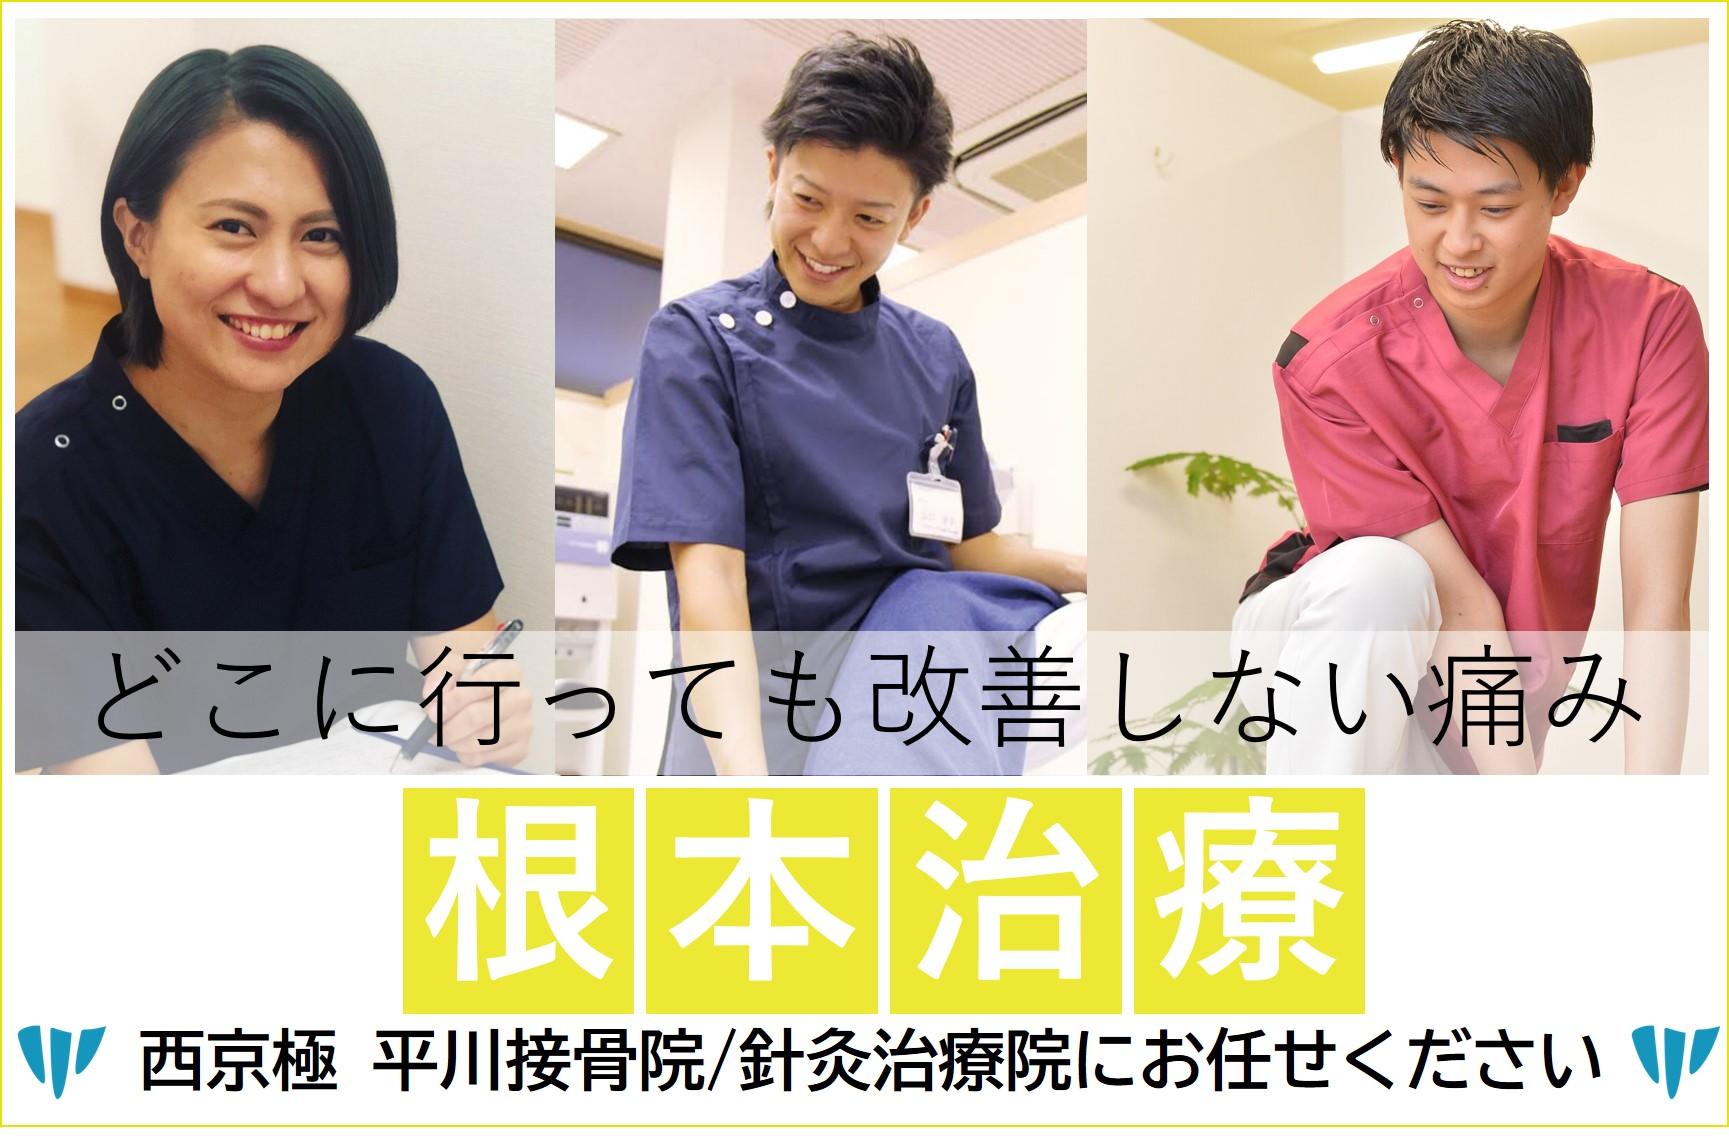 西京極 平川接骨院/針灸治療院